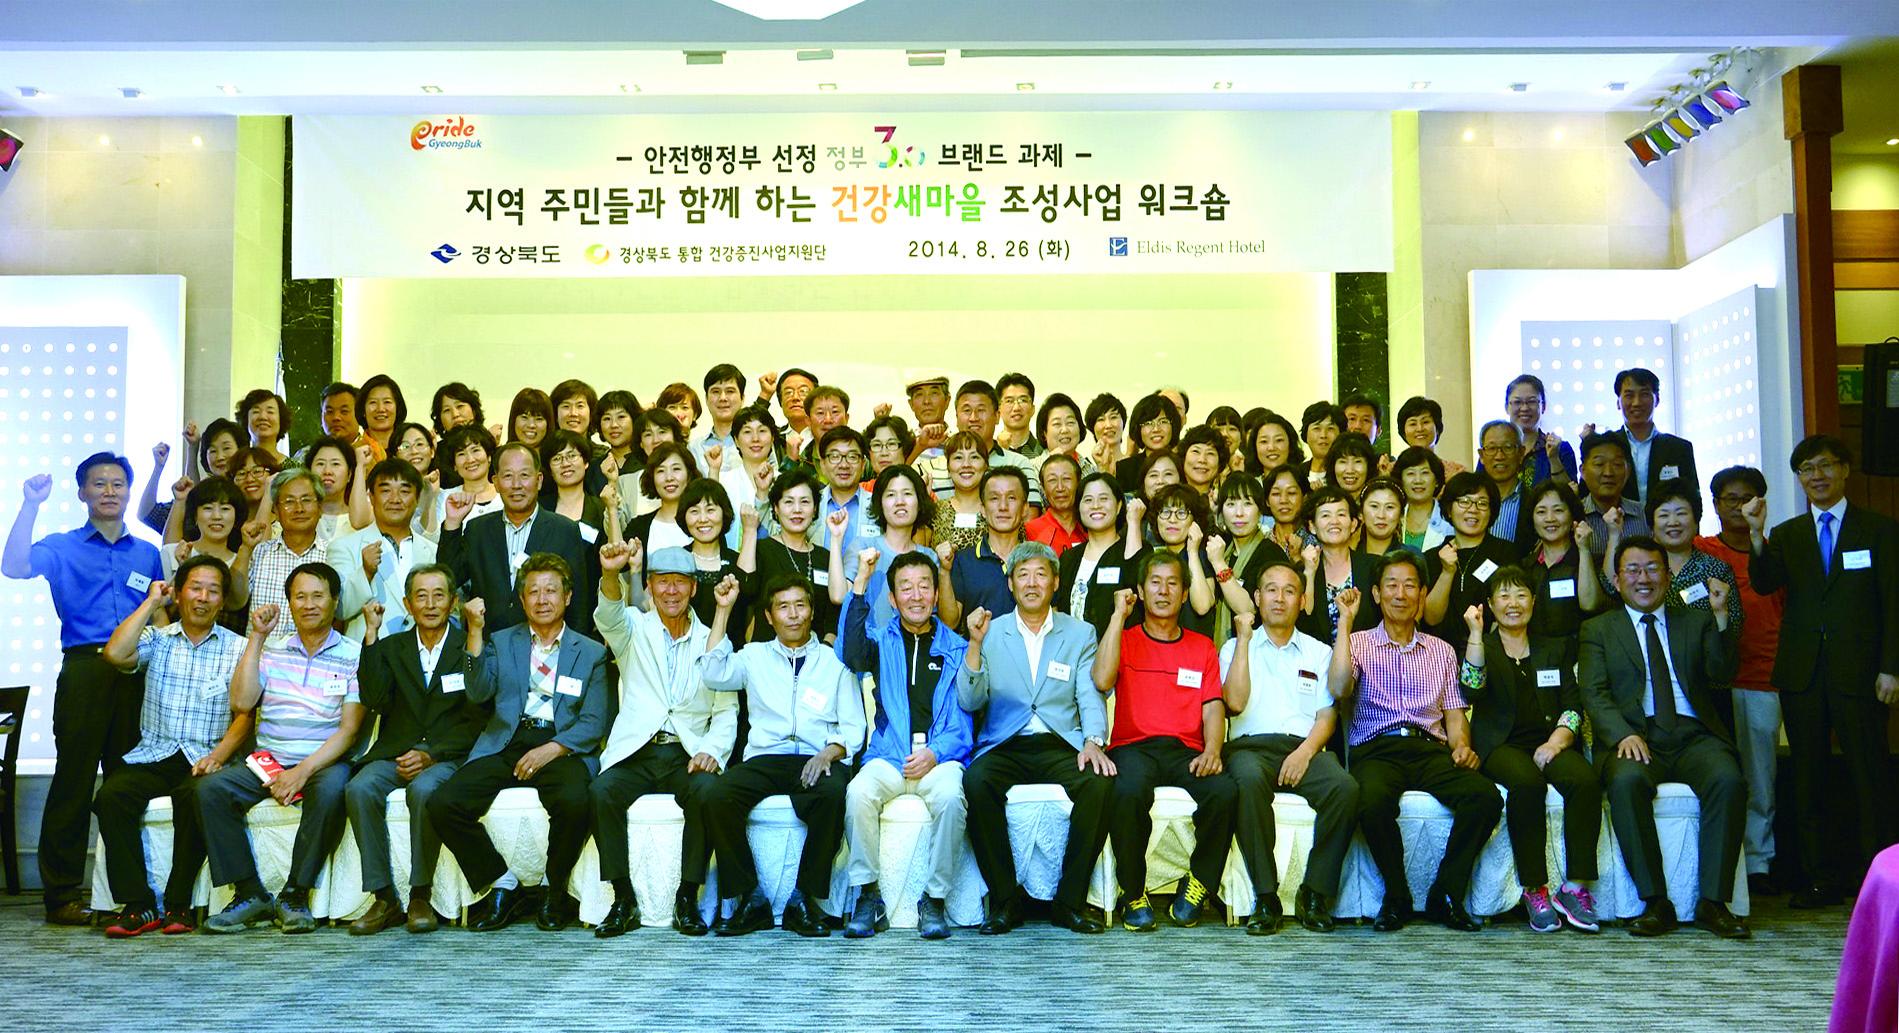 8.26 지역주민들과 함께하는 건강새마을 조성사업 워크숍